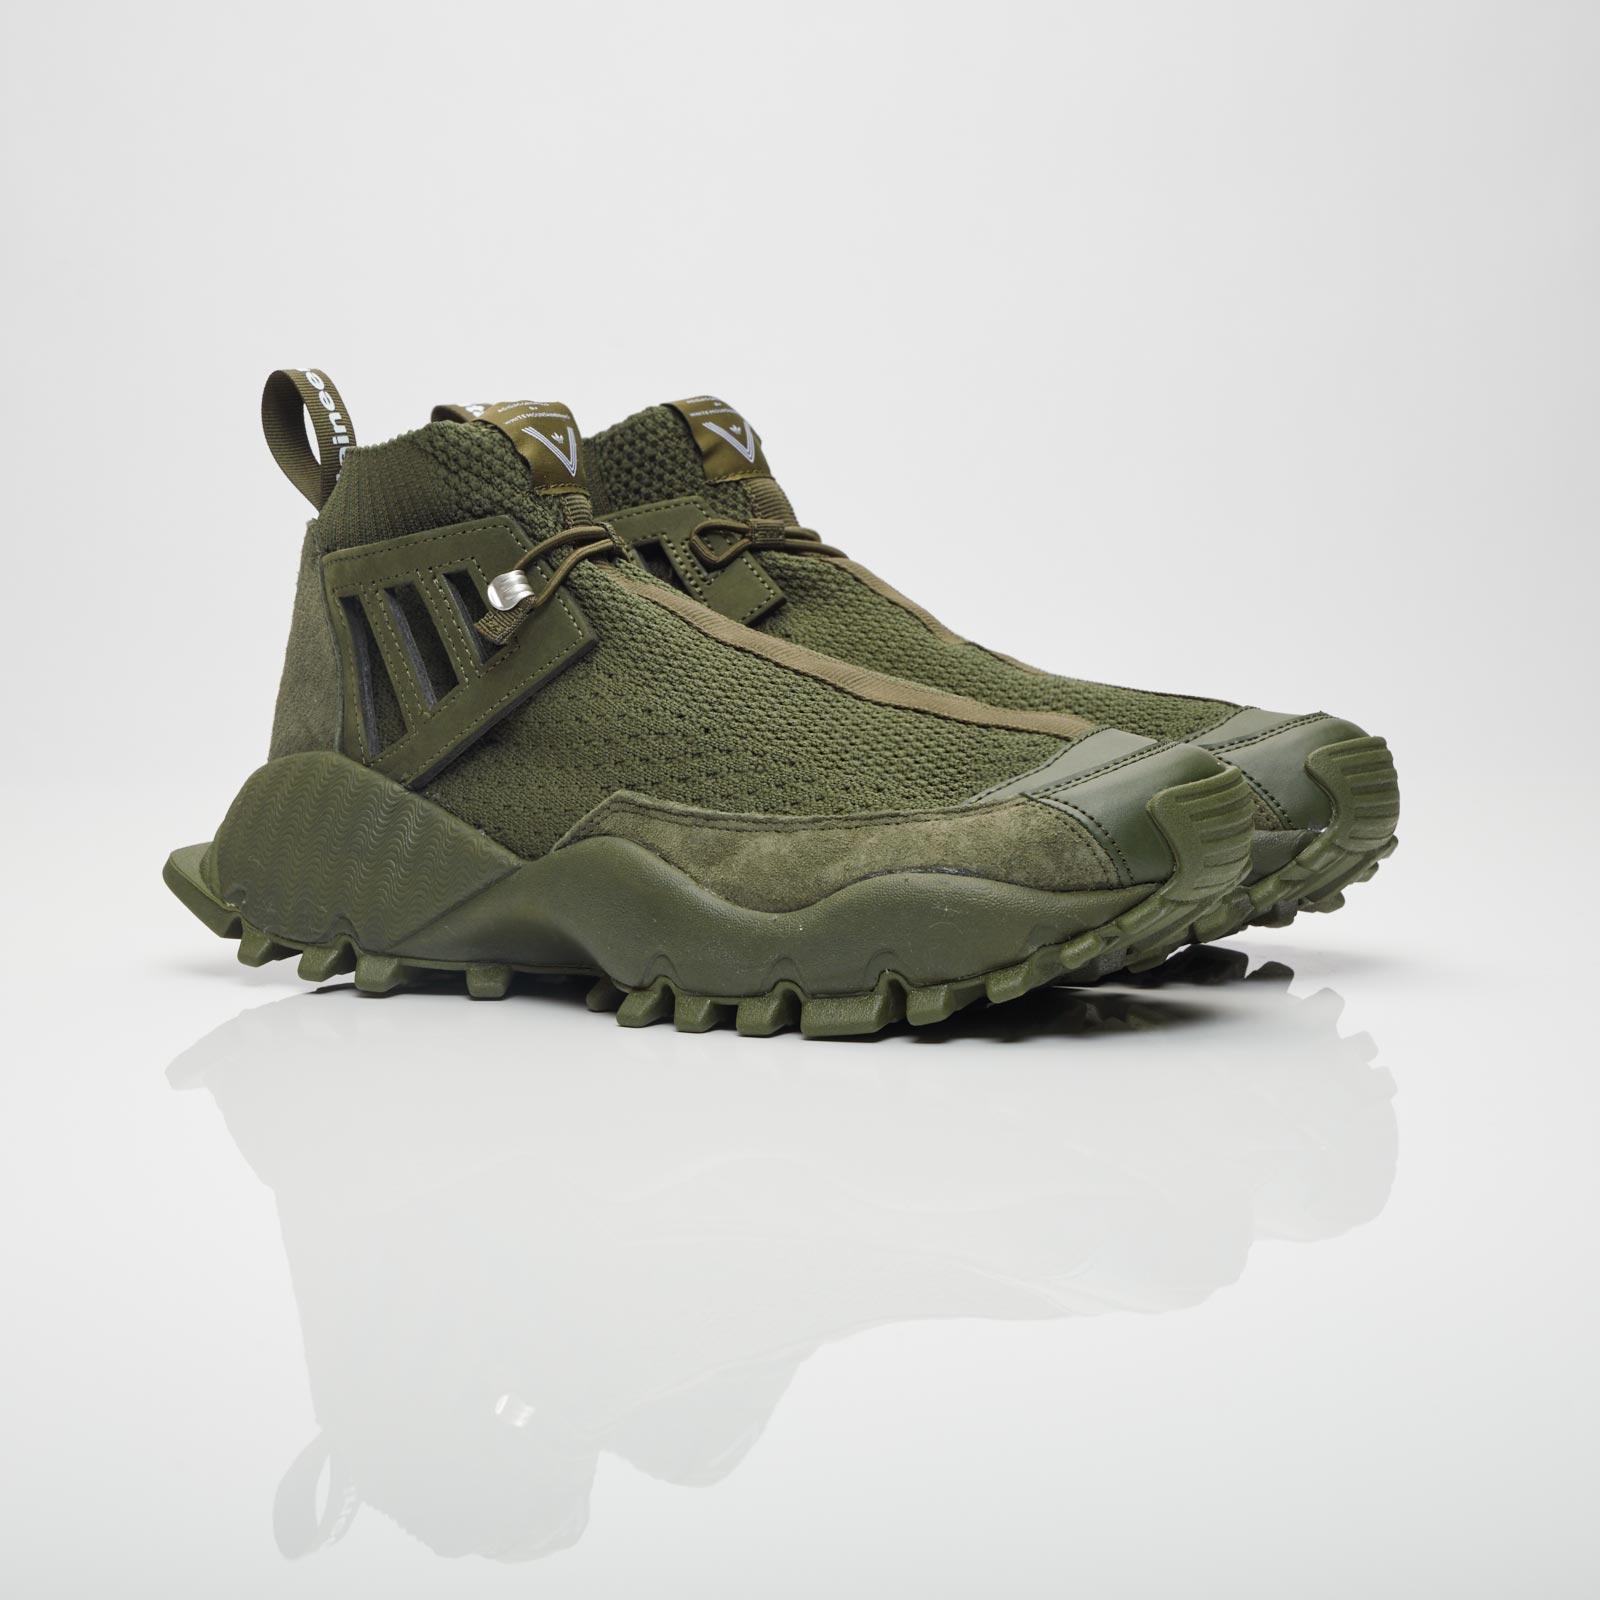 882c58dcf8f5 adidas WM Seeulater Alledo - Cg3667 - Sneakersnstuff